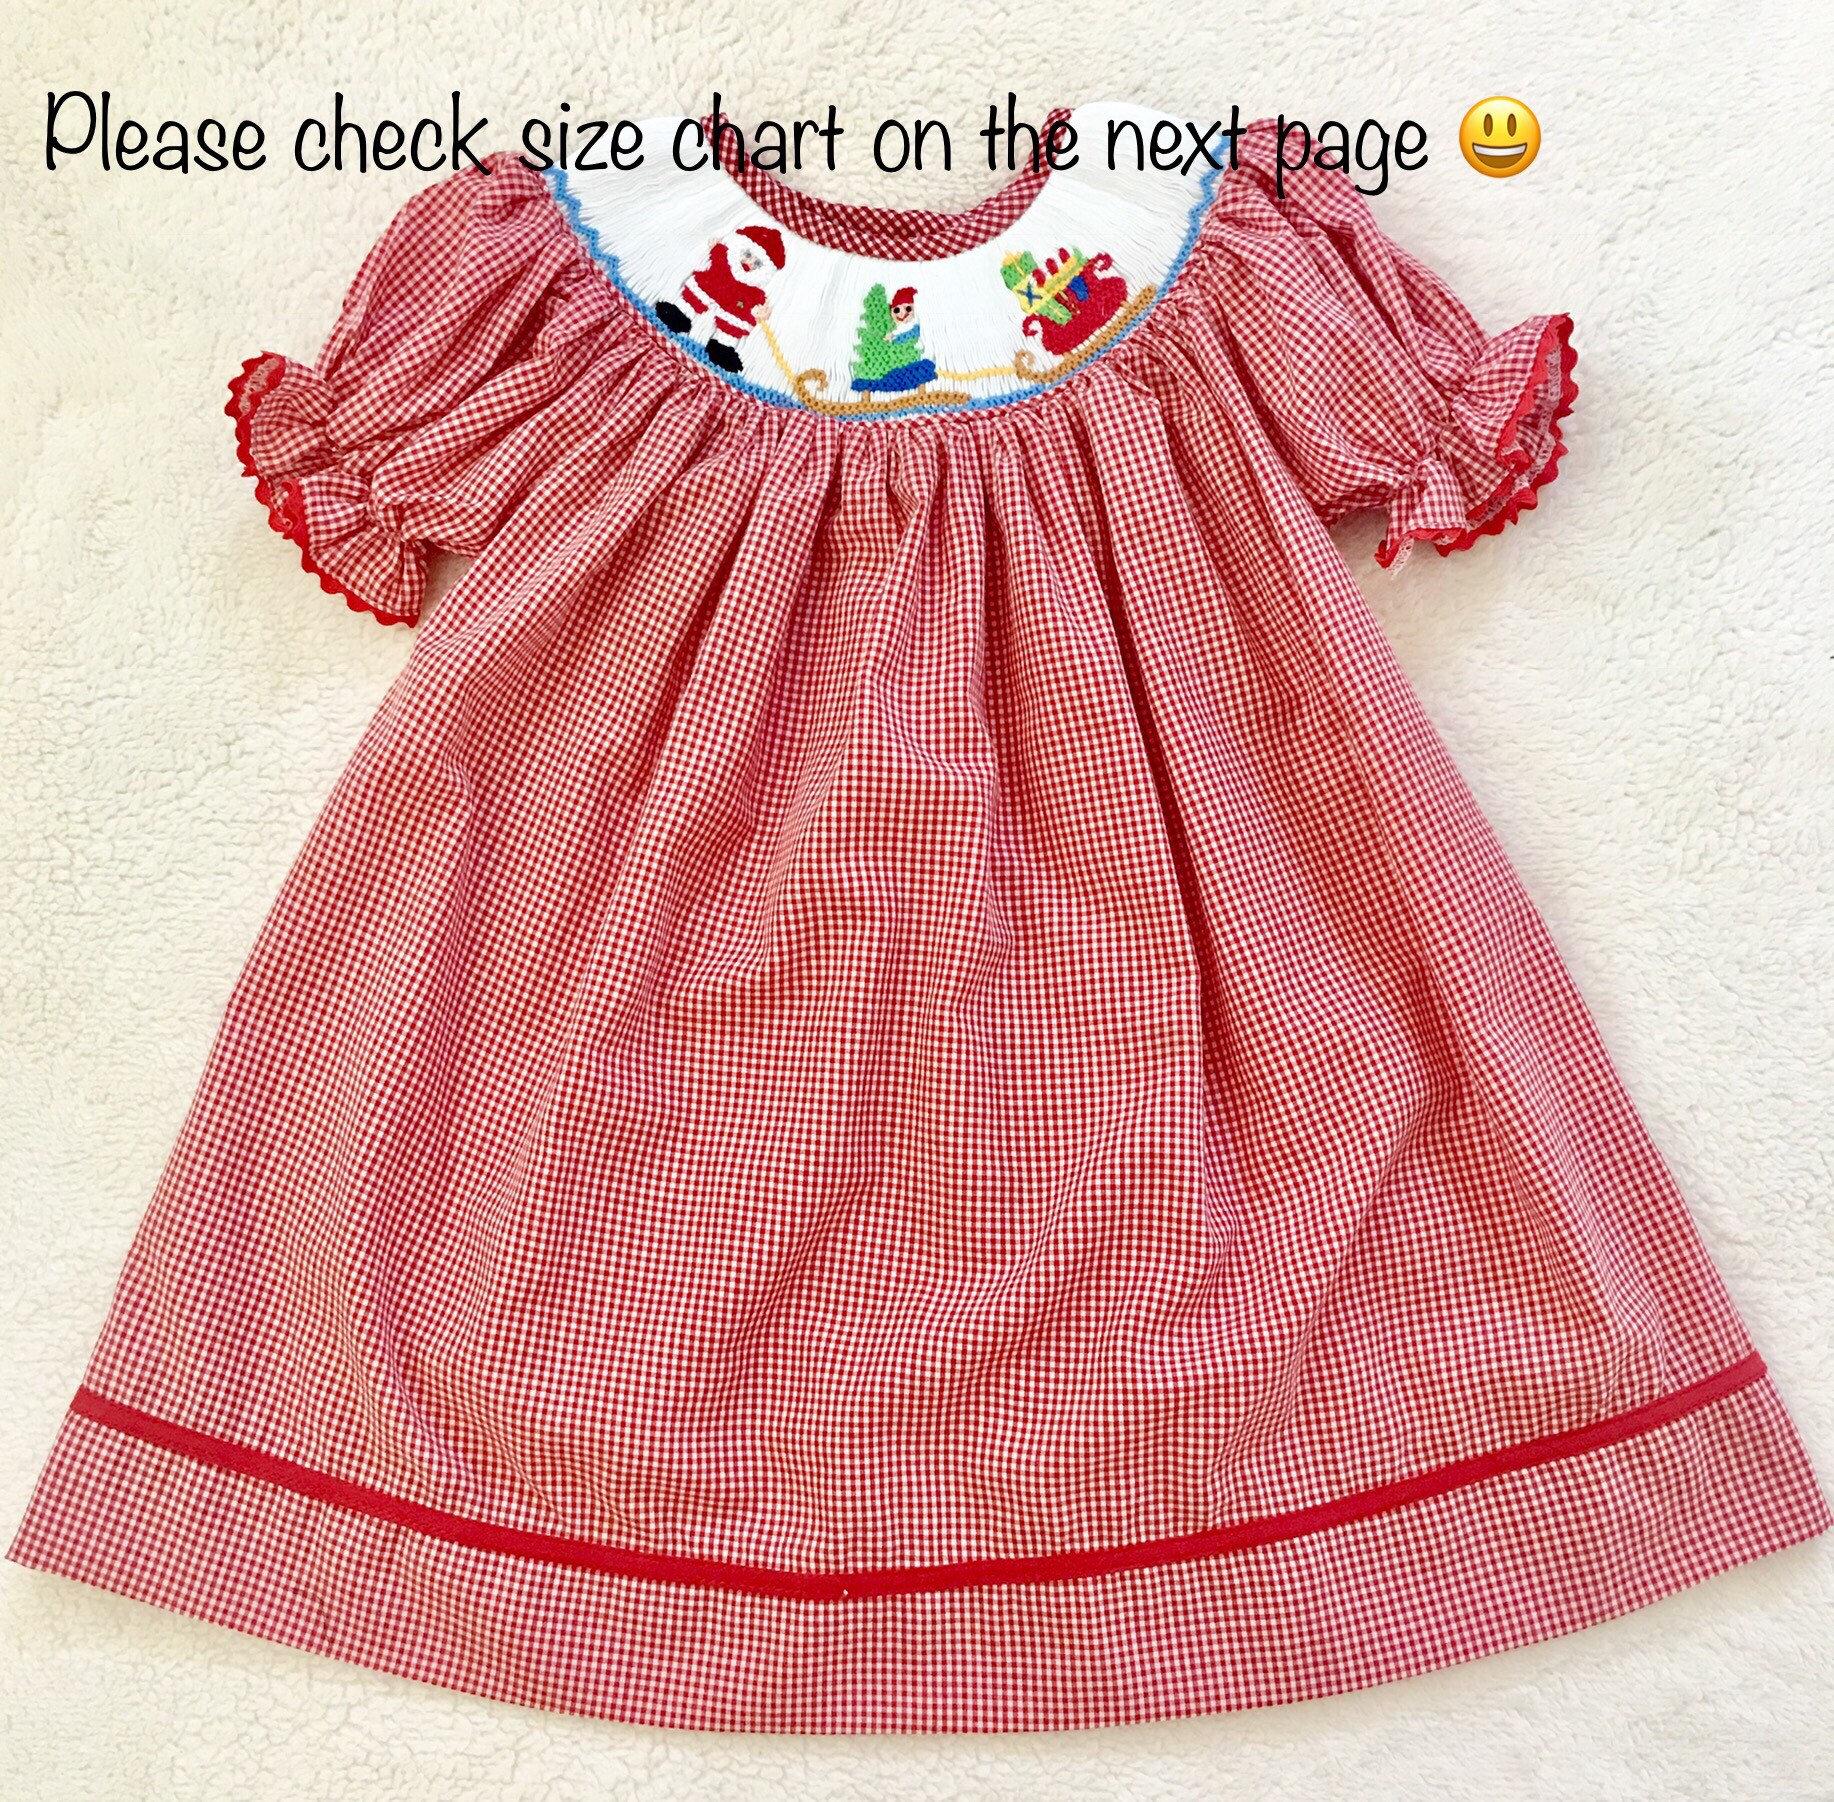 Weihnachten Smok Kleid Mädchen Smok Kleid Gingham Smok Kleid | Etsy